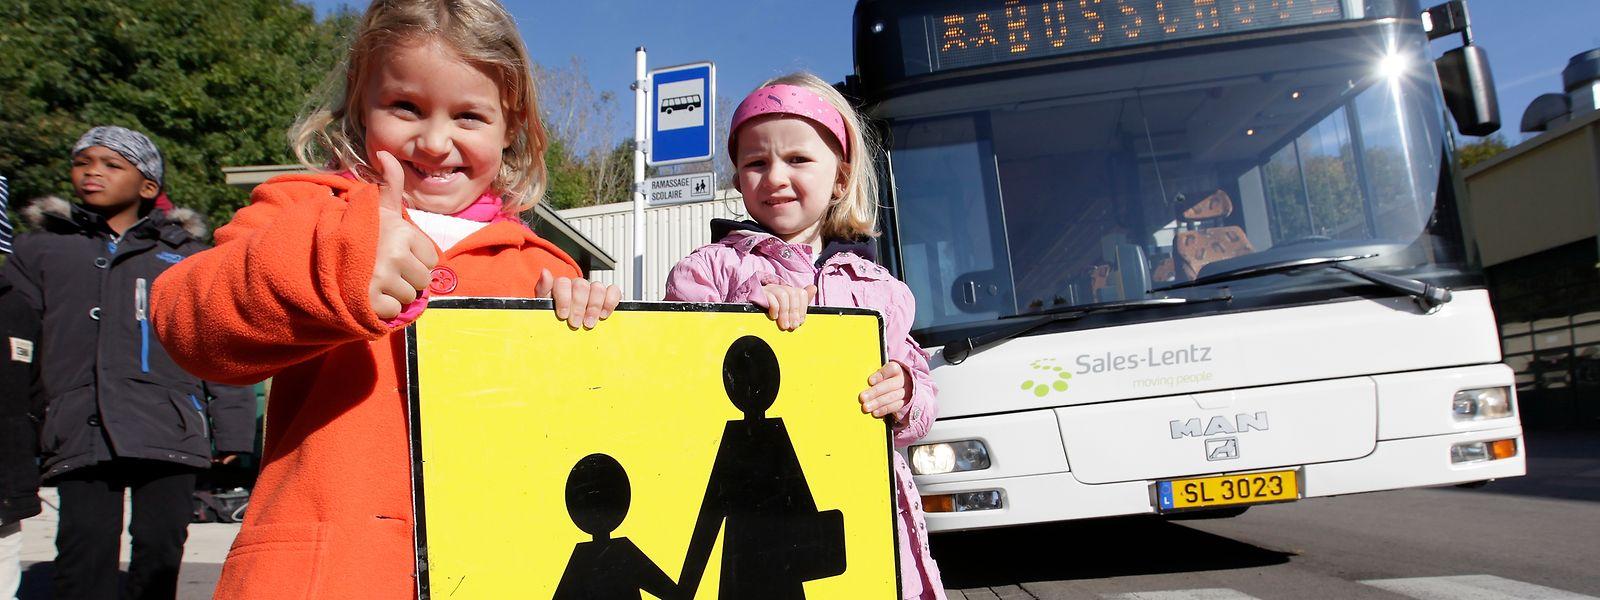 Sicherheit geht vor: Für den Transport von Grundschülern sind in Luxemburg die Gemeinden zuständig. Der Staat kümmert sich um die Beförderung der Lyzeumsschüler.